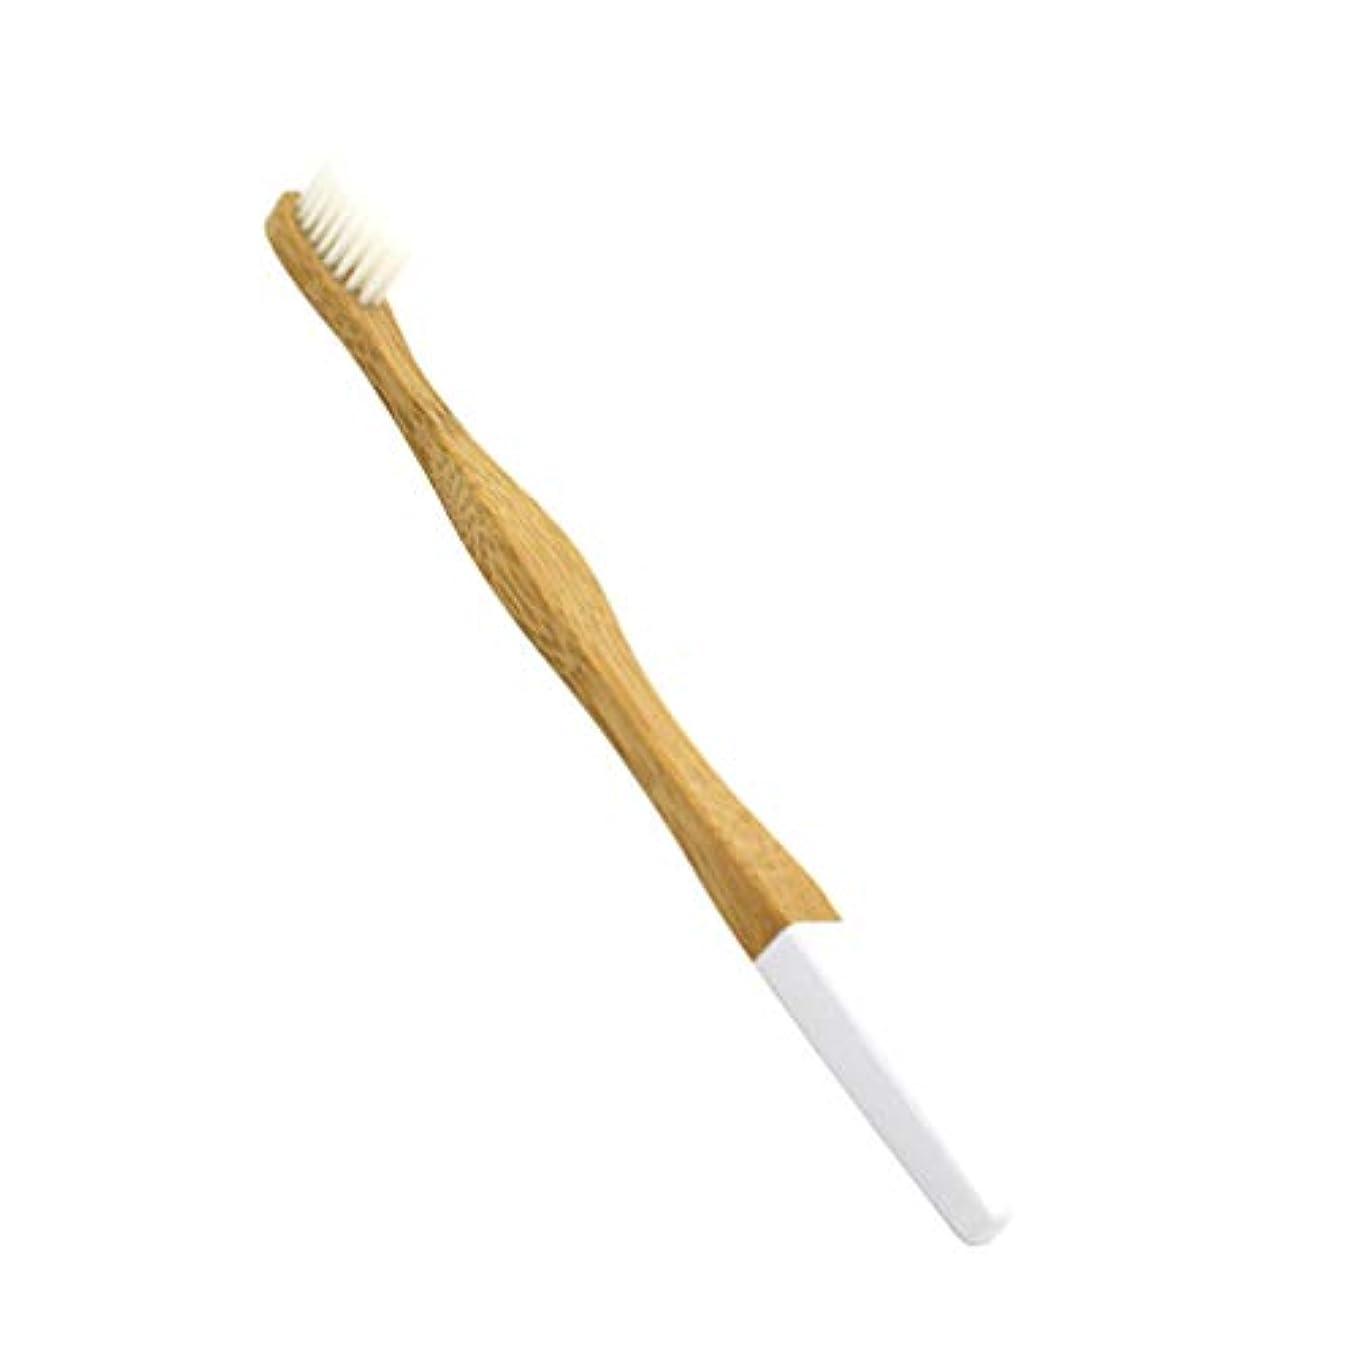 失サルベージパレードHealifty 竹の歯ブラシ生分解性の柔らかい歯ブラシ柔らかいブラシクラフトペーパーバッグ包装大人1個(白)